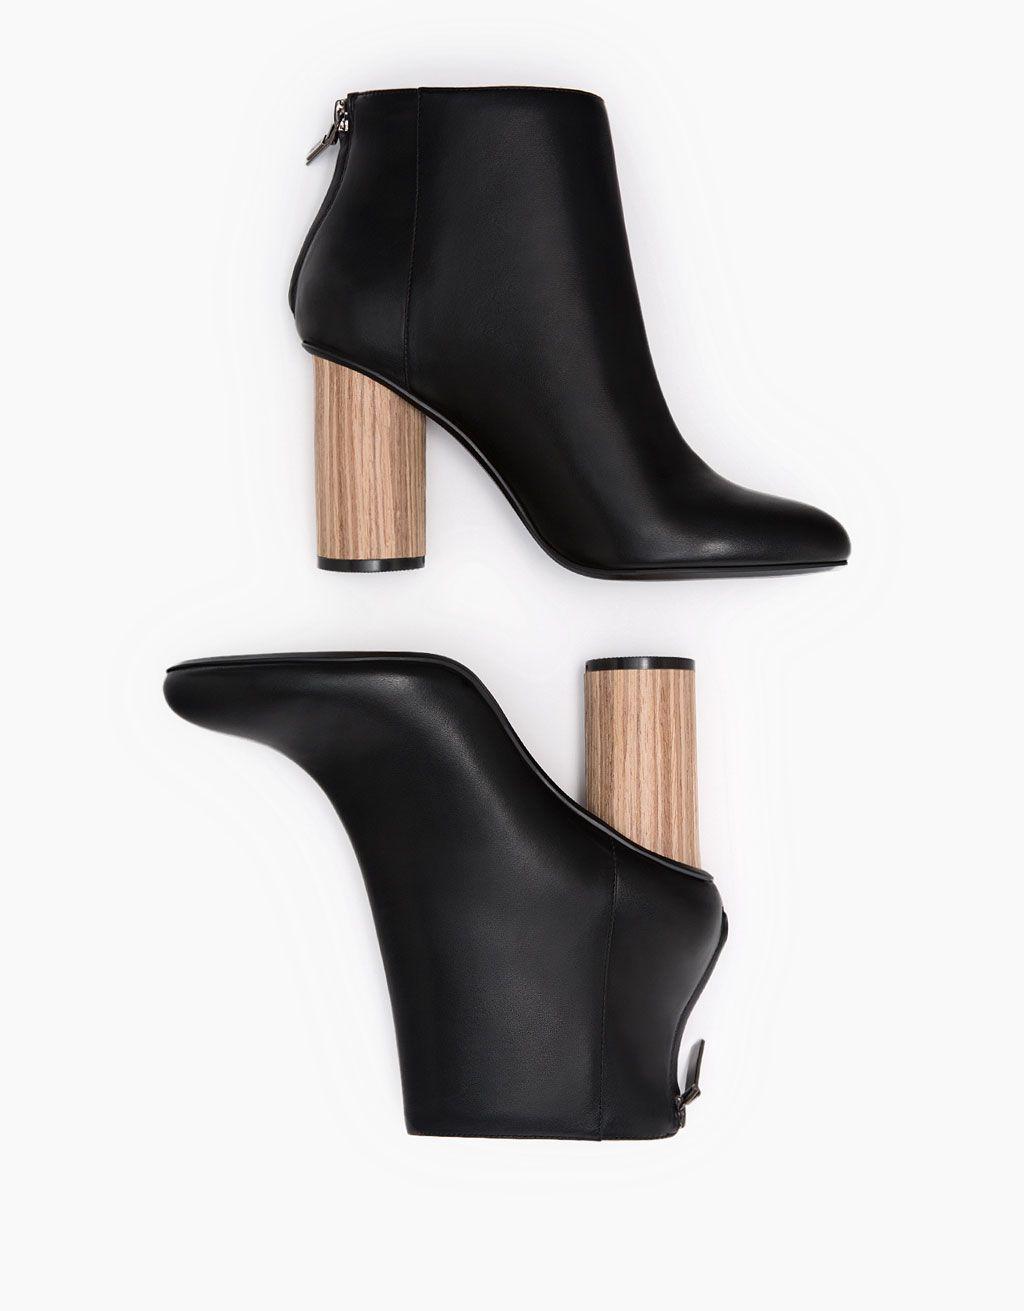 f7c60f5ebd Ver Tudo - SAPATOS - MULHER - Bershka Portugal | Shoes em 2019 ...